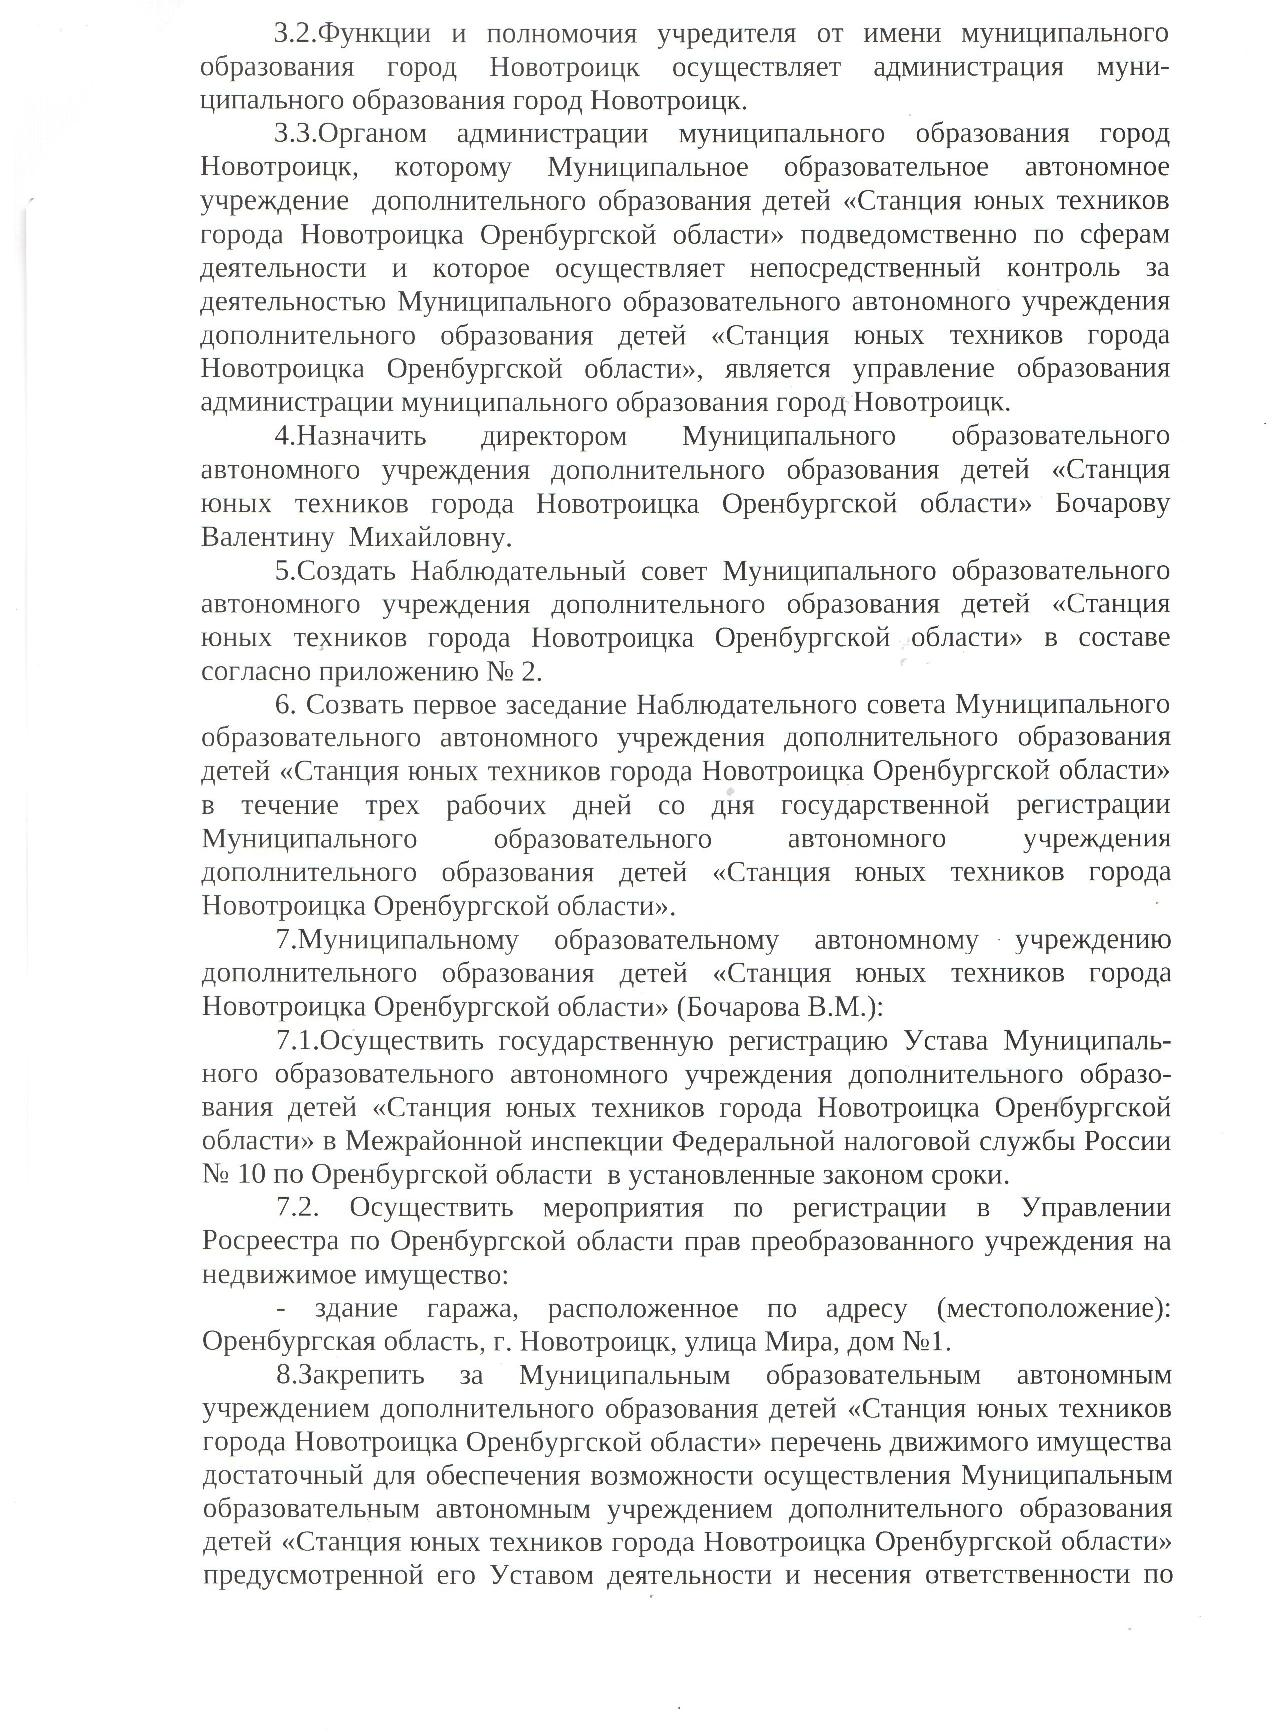 Постановление о создании автономного учреждения-002